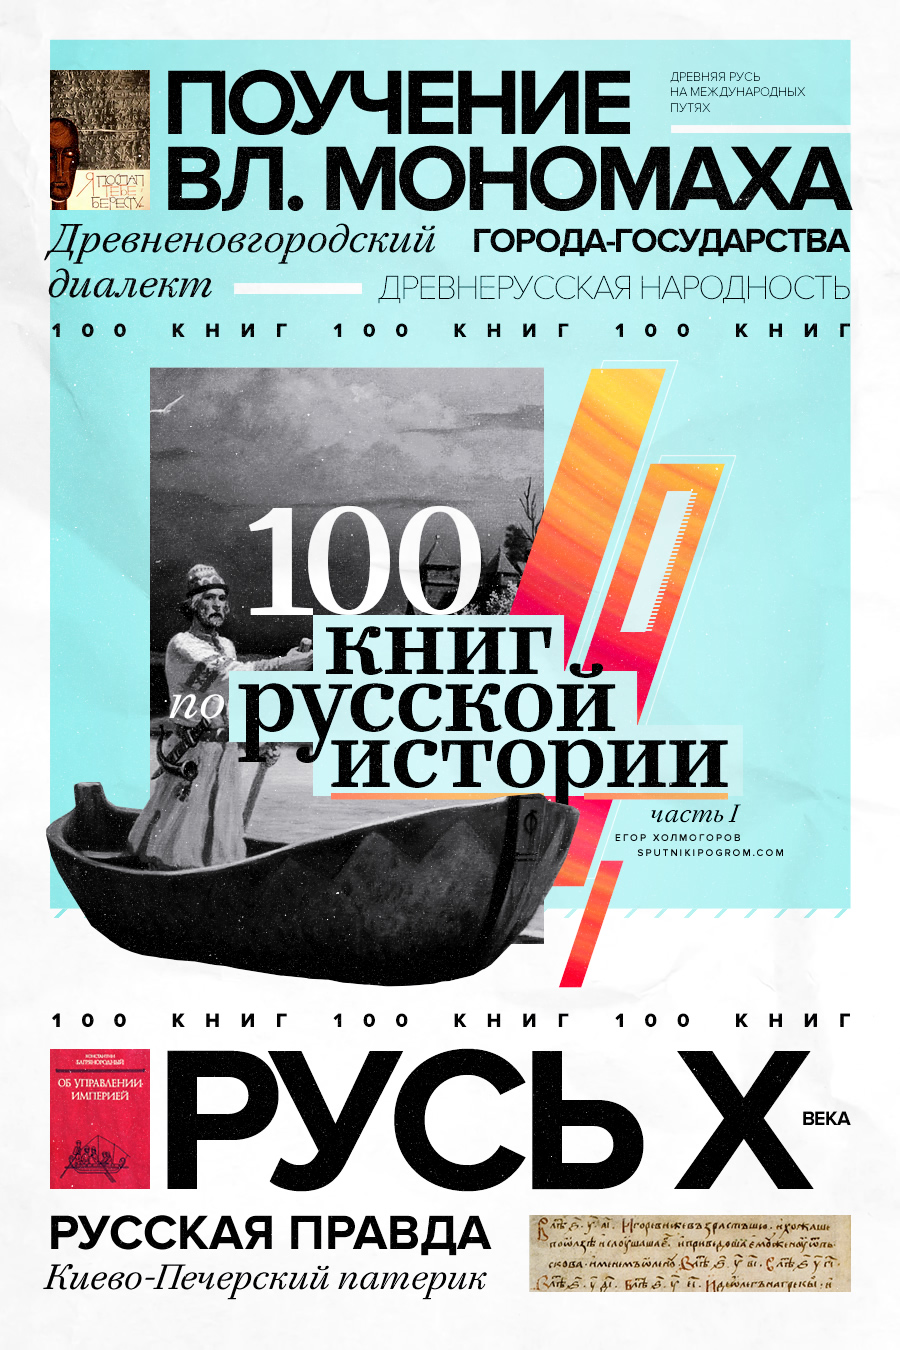 Скачать энциклопедию по истории россии fb2